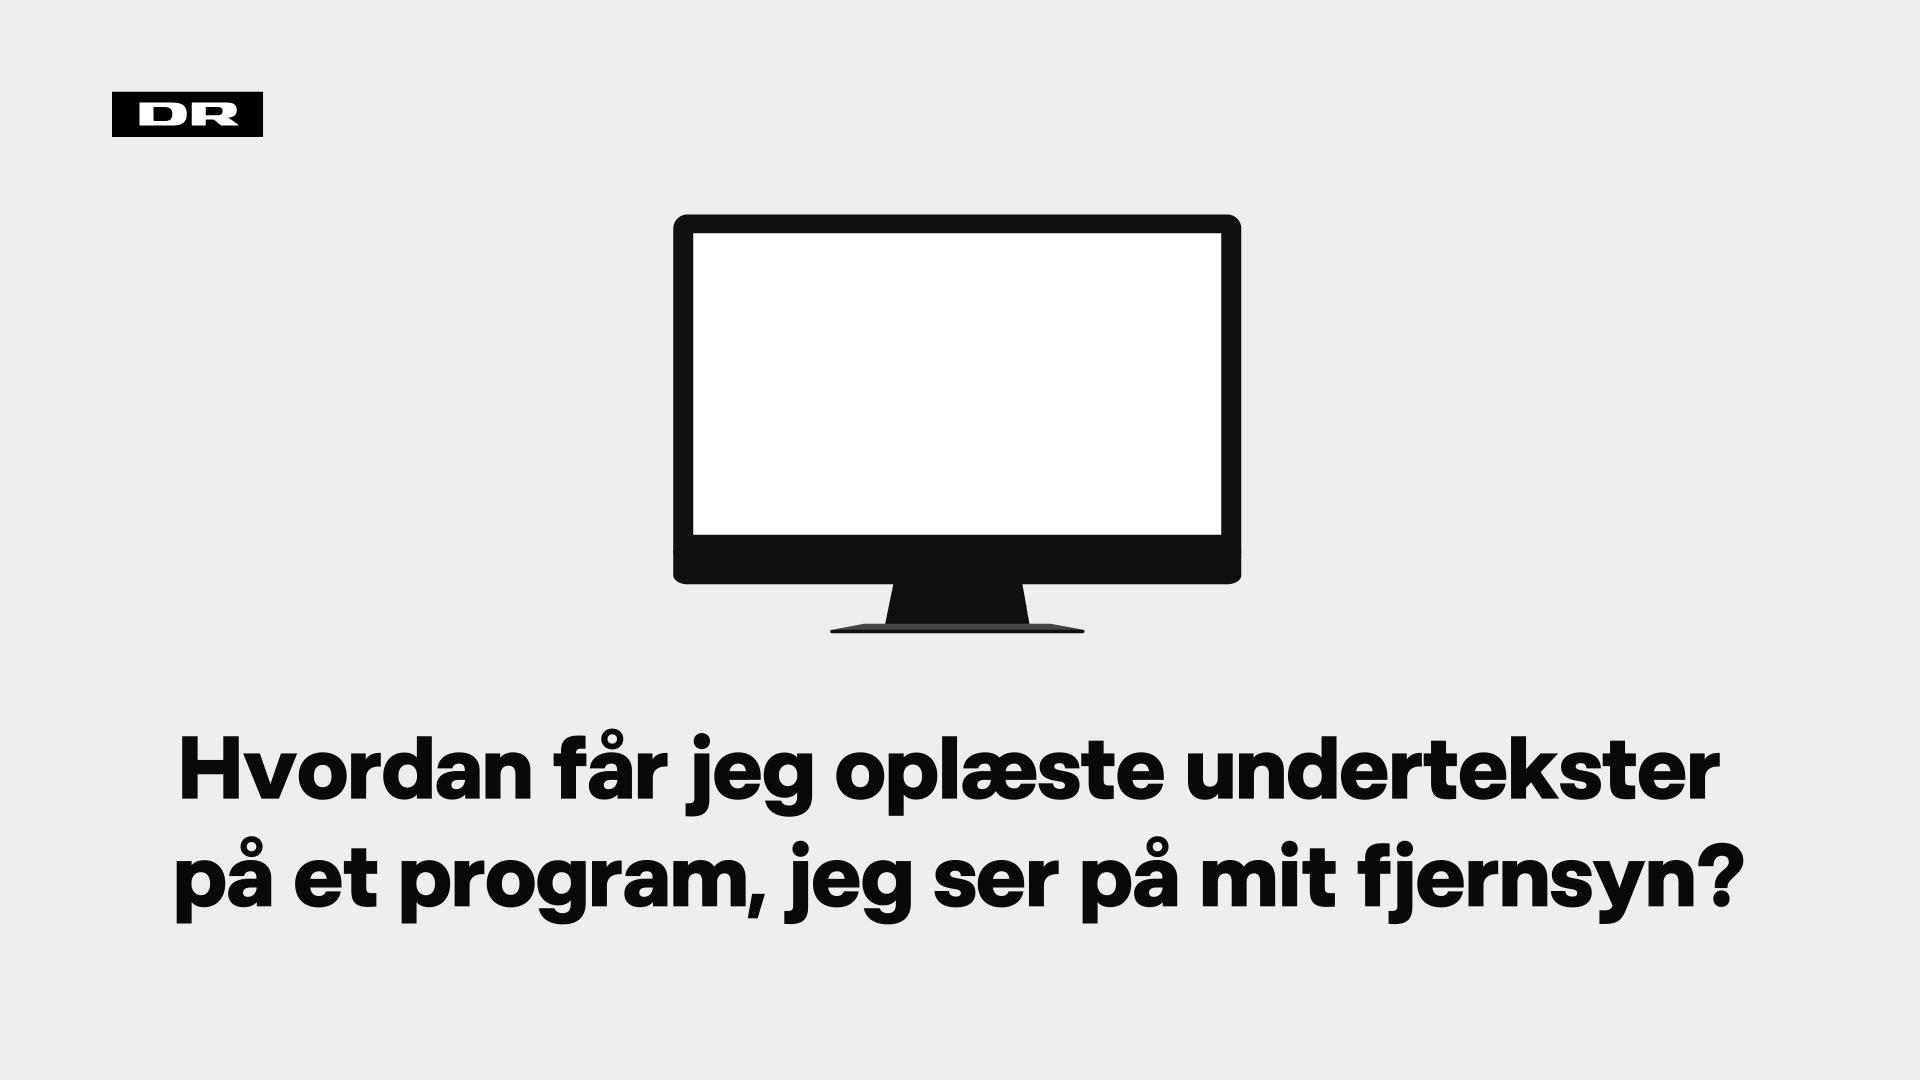 Hvordan får jeg oplæste undertekster på et program, jeg ser på mit fjernsyn?